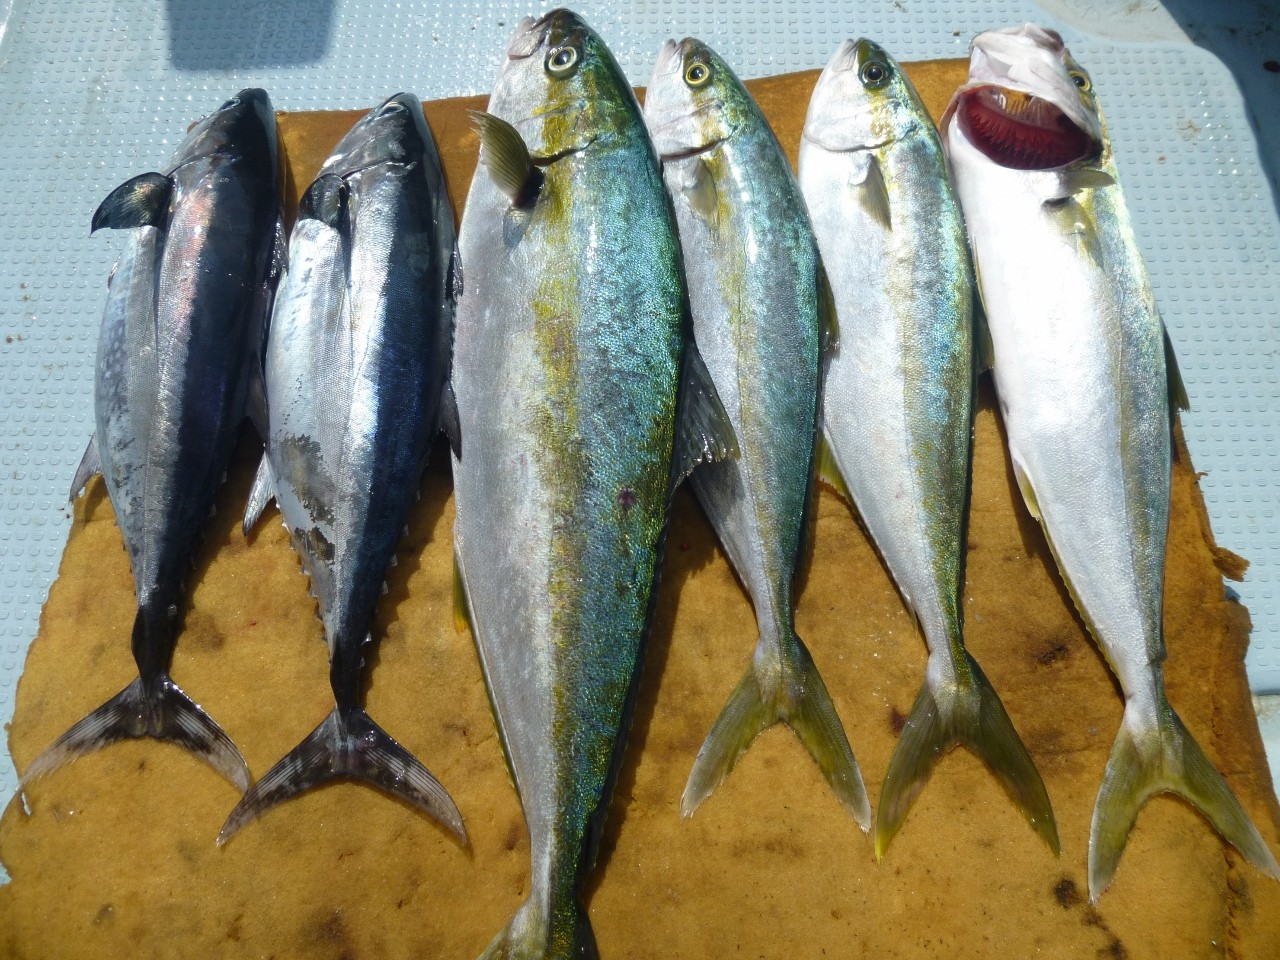 ヒラマサ2.8㎏ (3kg超えのヒラマサまだ釣れず)